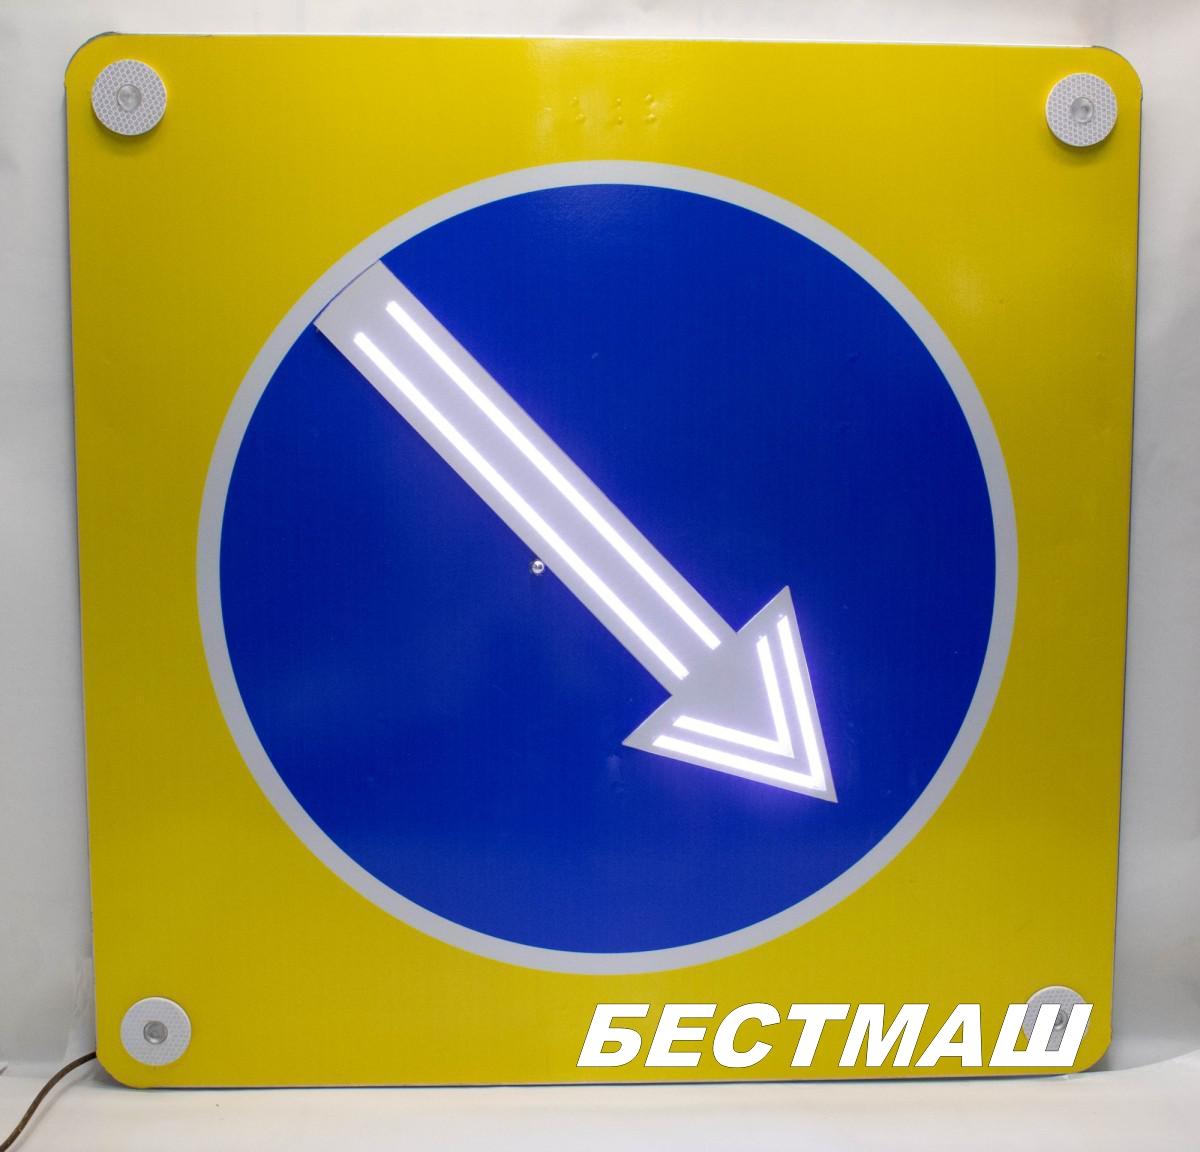 Знак светодиодный (4.2.1-4.2.2), 12В 900x900мм 4 стробоскопа